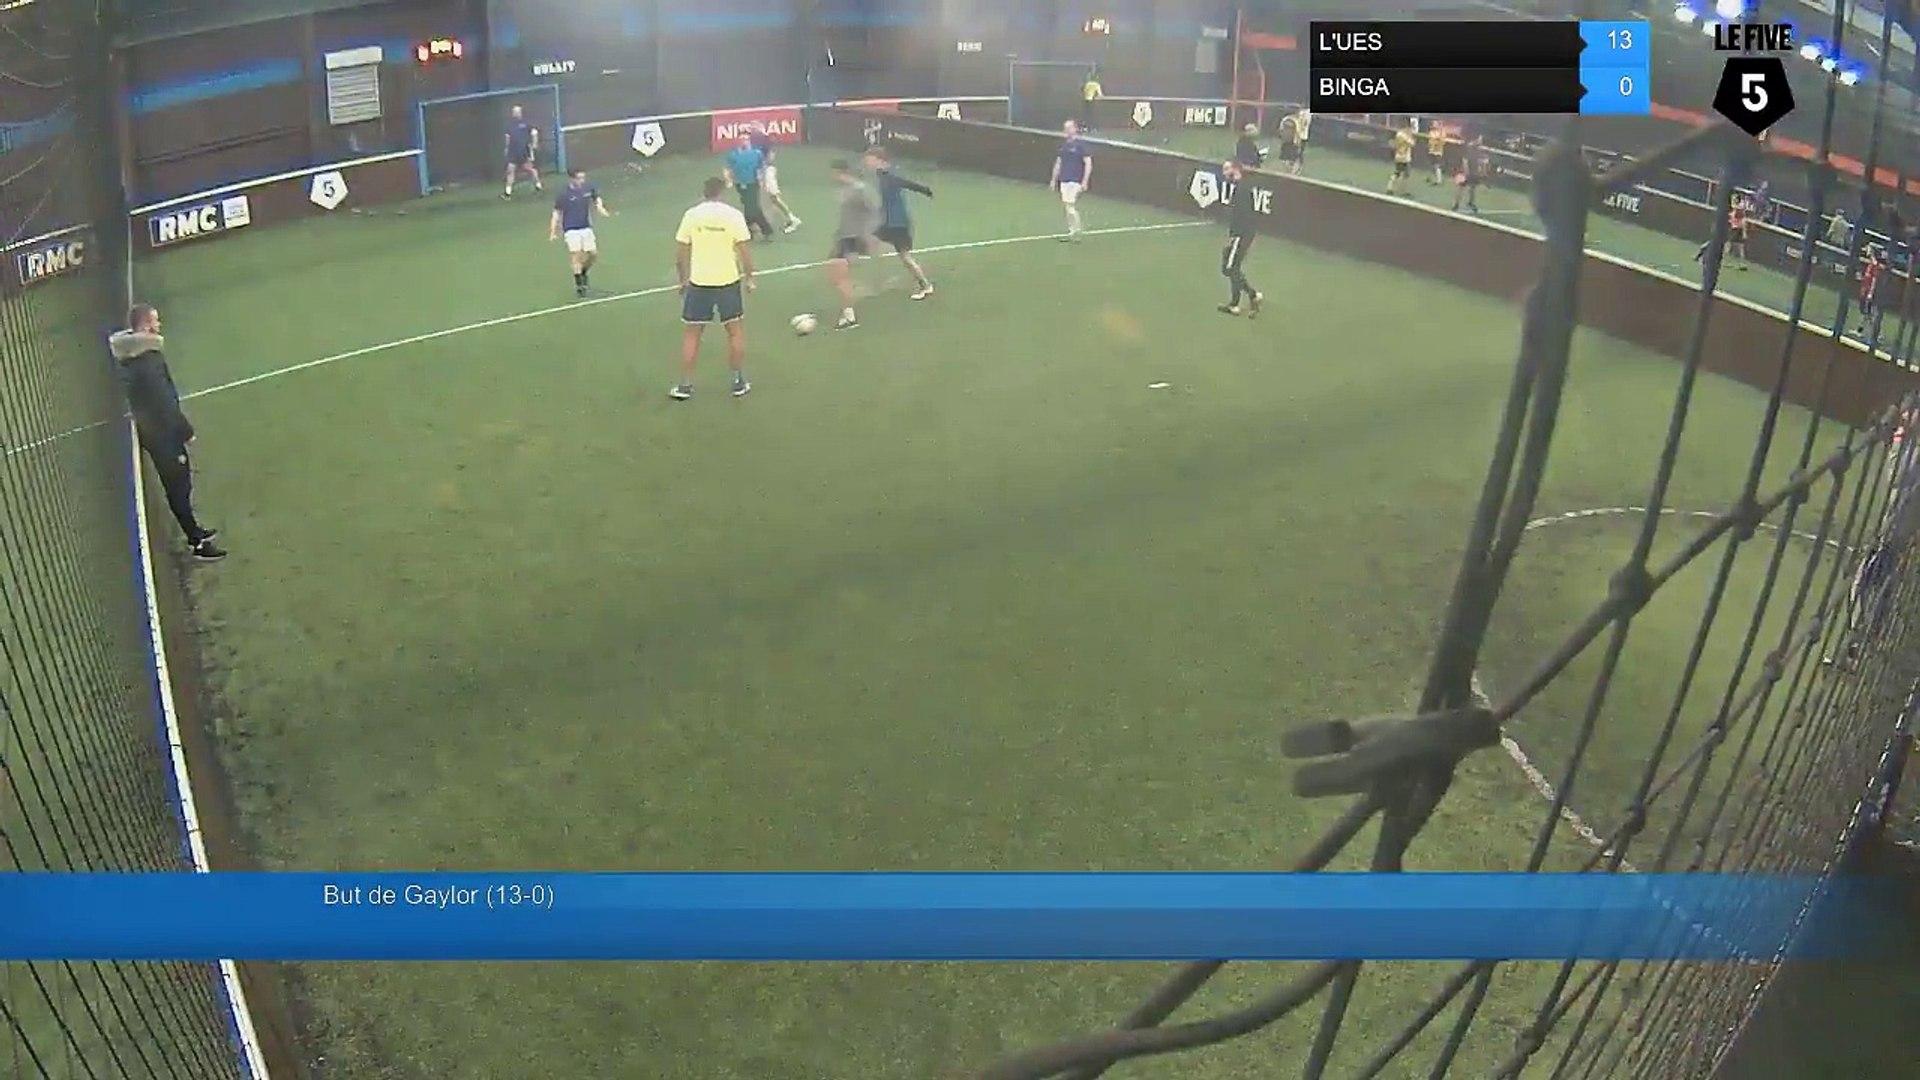 But de Gaylor (13-0) - L'UES Vs BINGA - 12/12/17 19:00 - Paris (La Chapelle) (LeFive) Soccer Pa